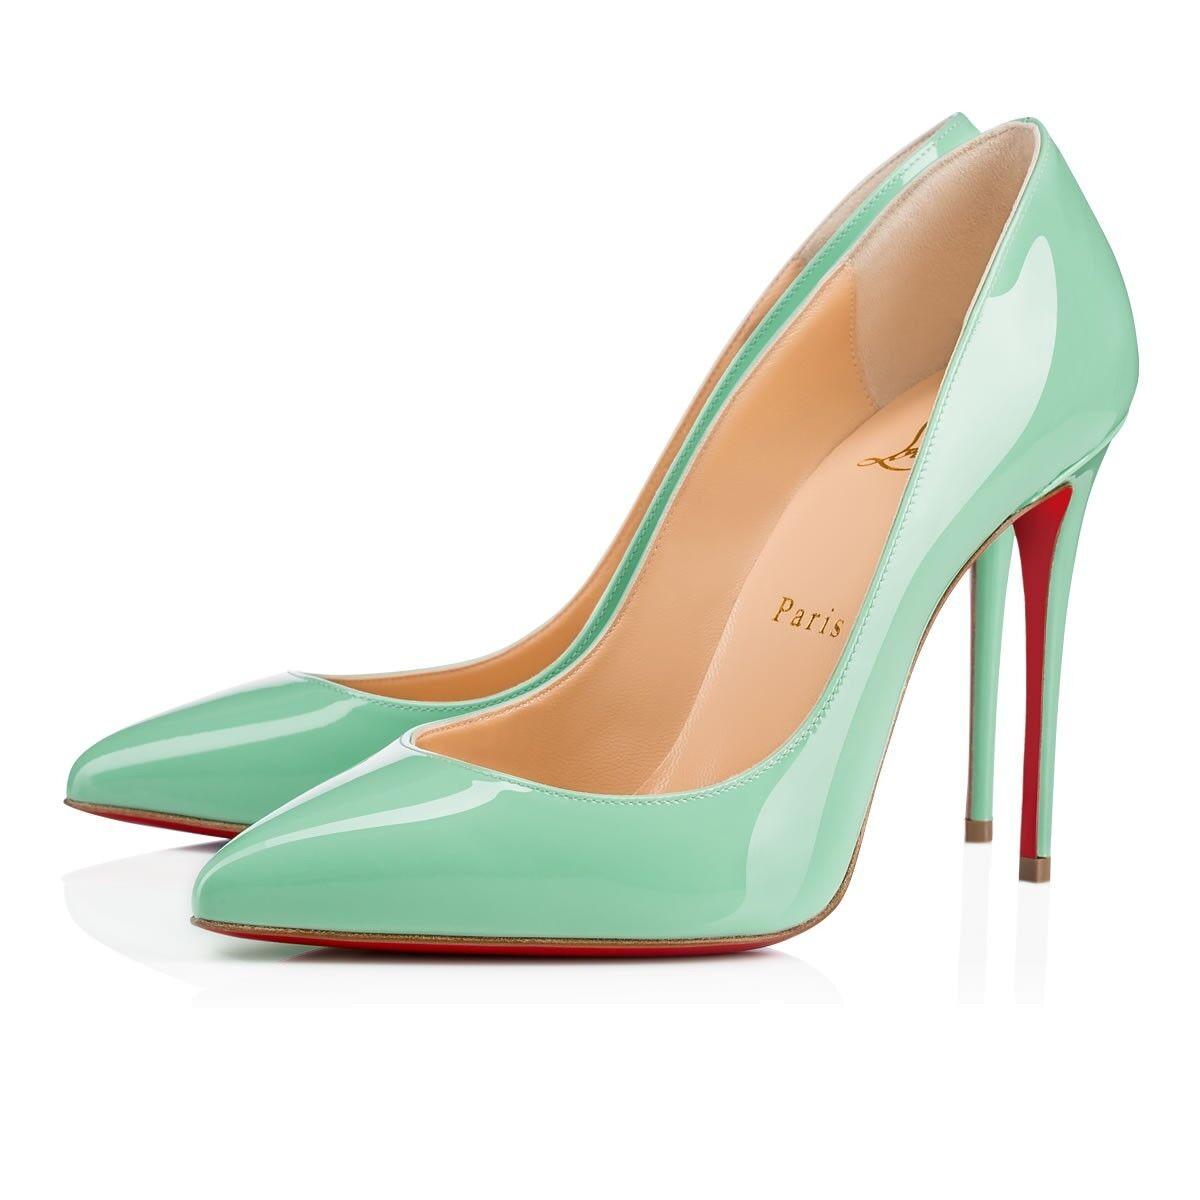 NIB Christian Louboutin Pigalle Follies 100 Opal Green bluee Patent Heel Pump 41